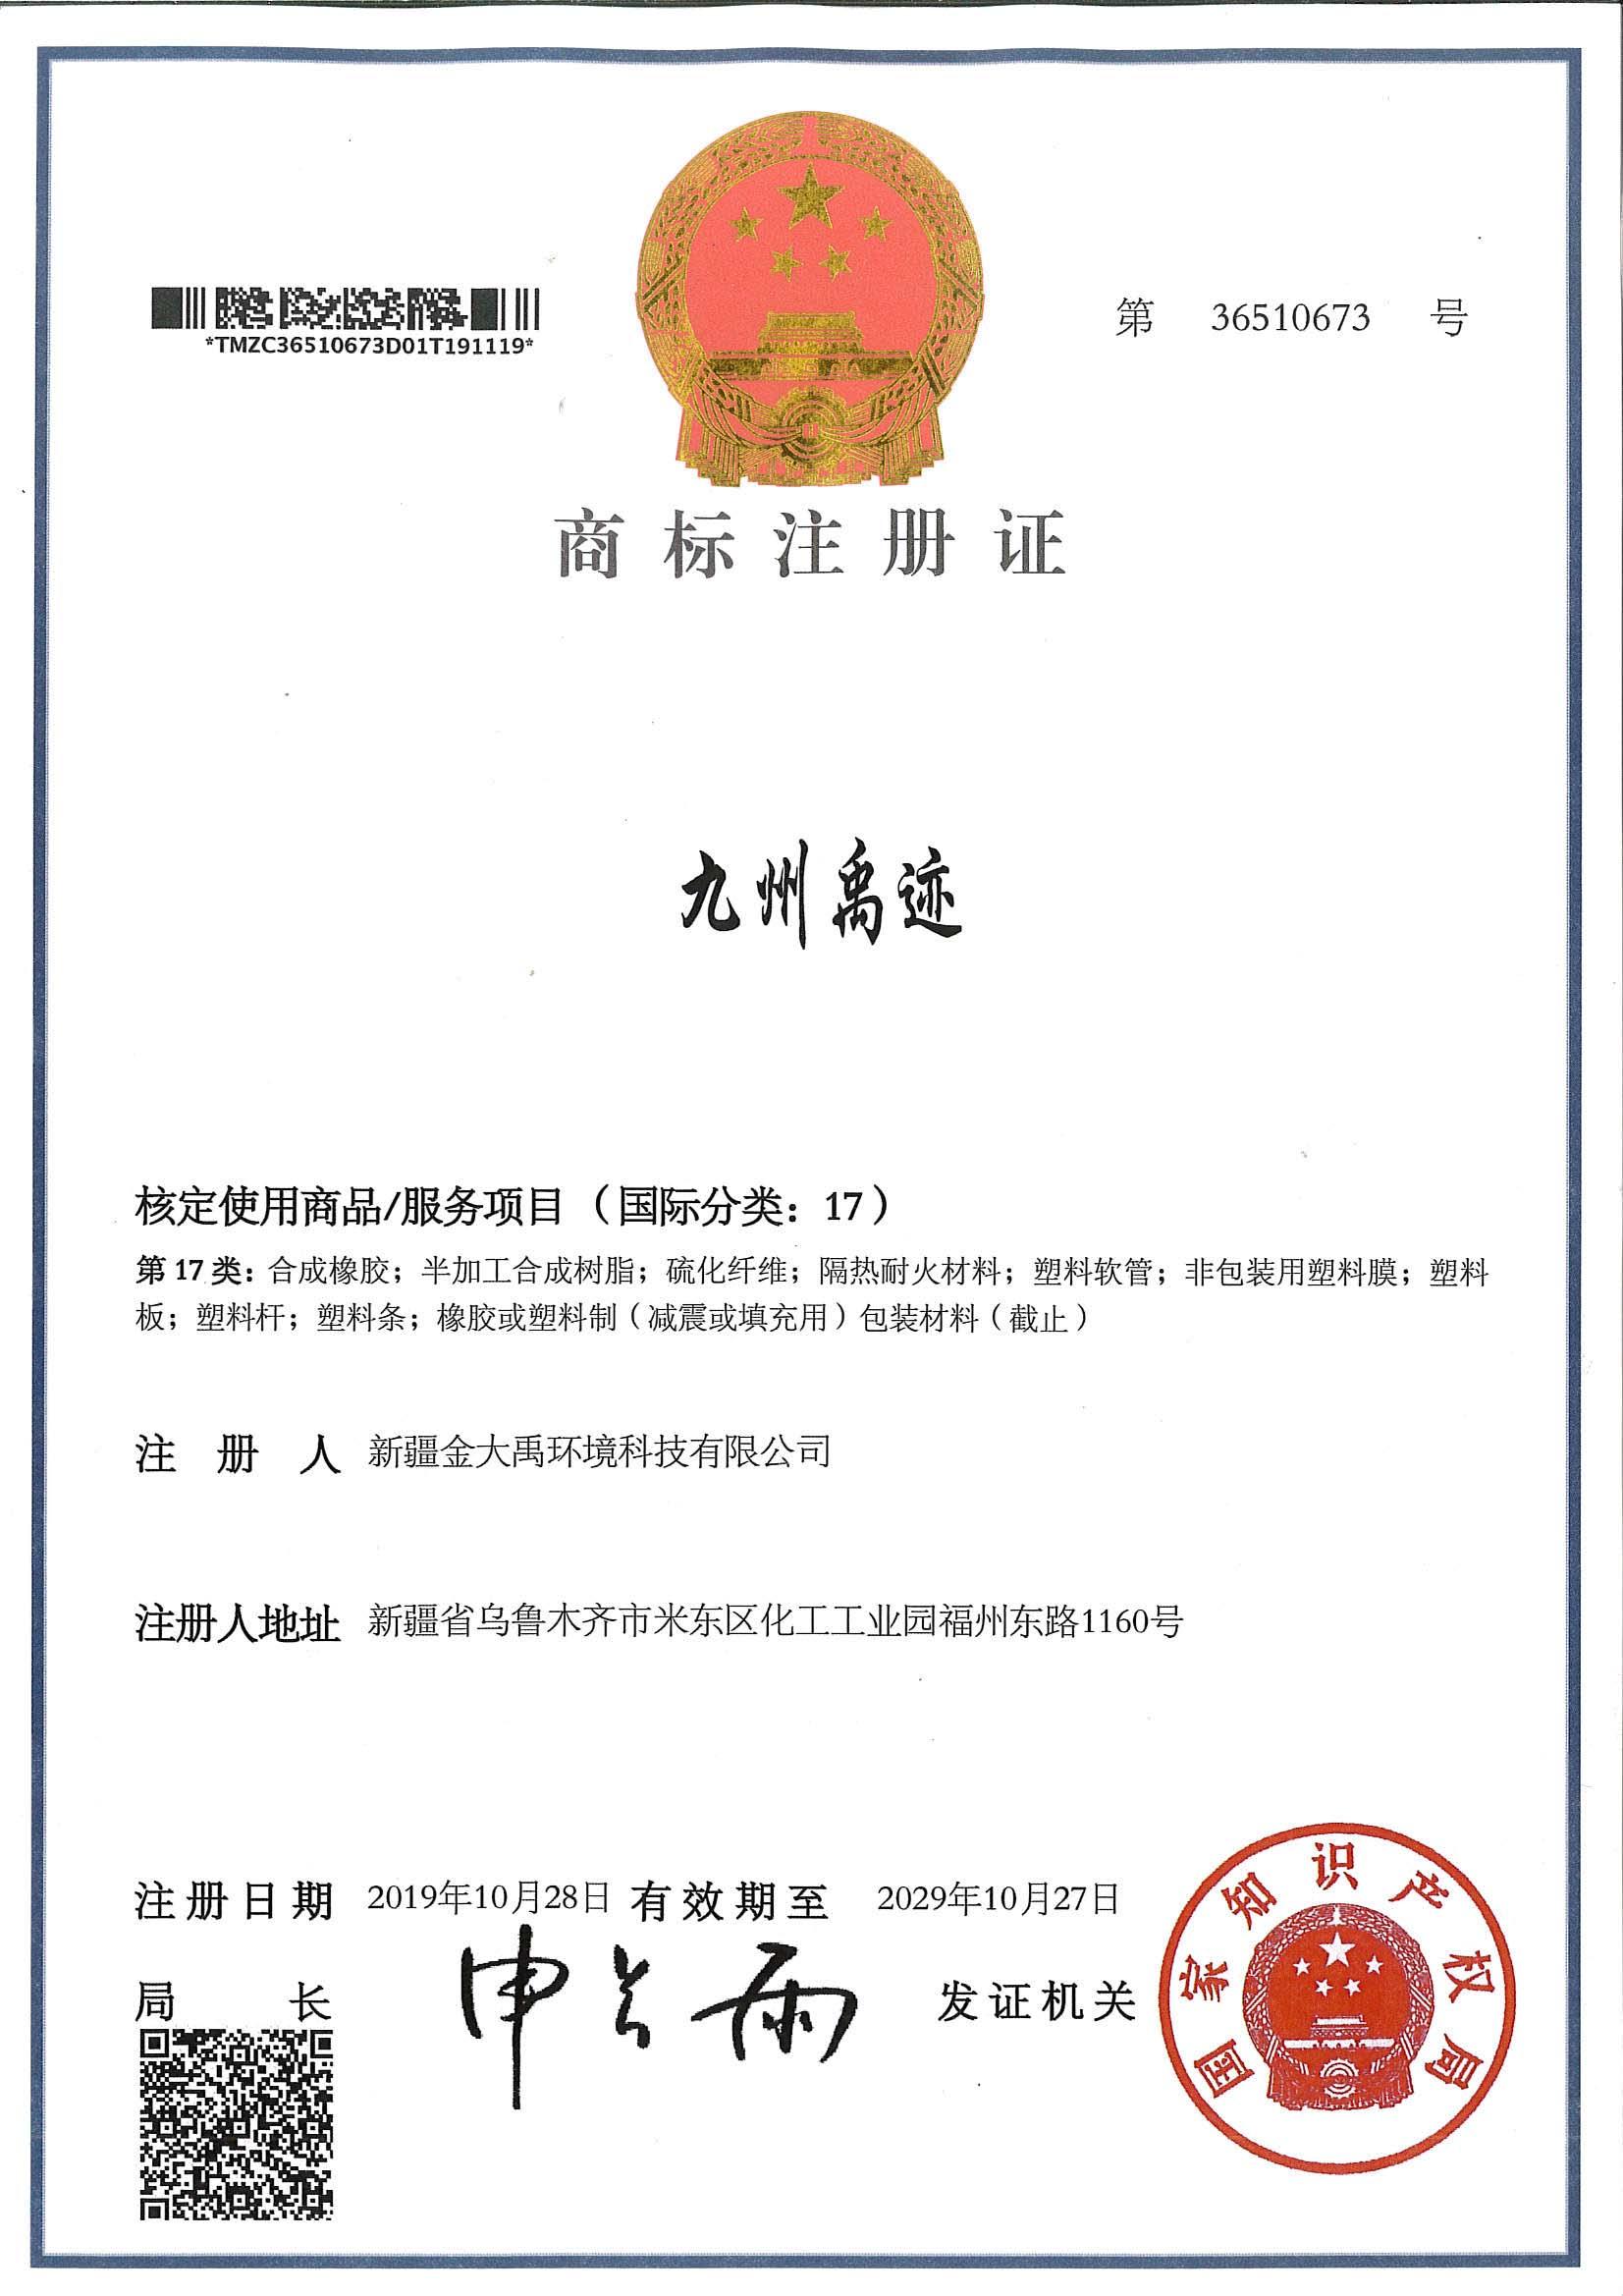 商品注册证1